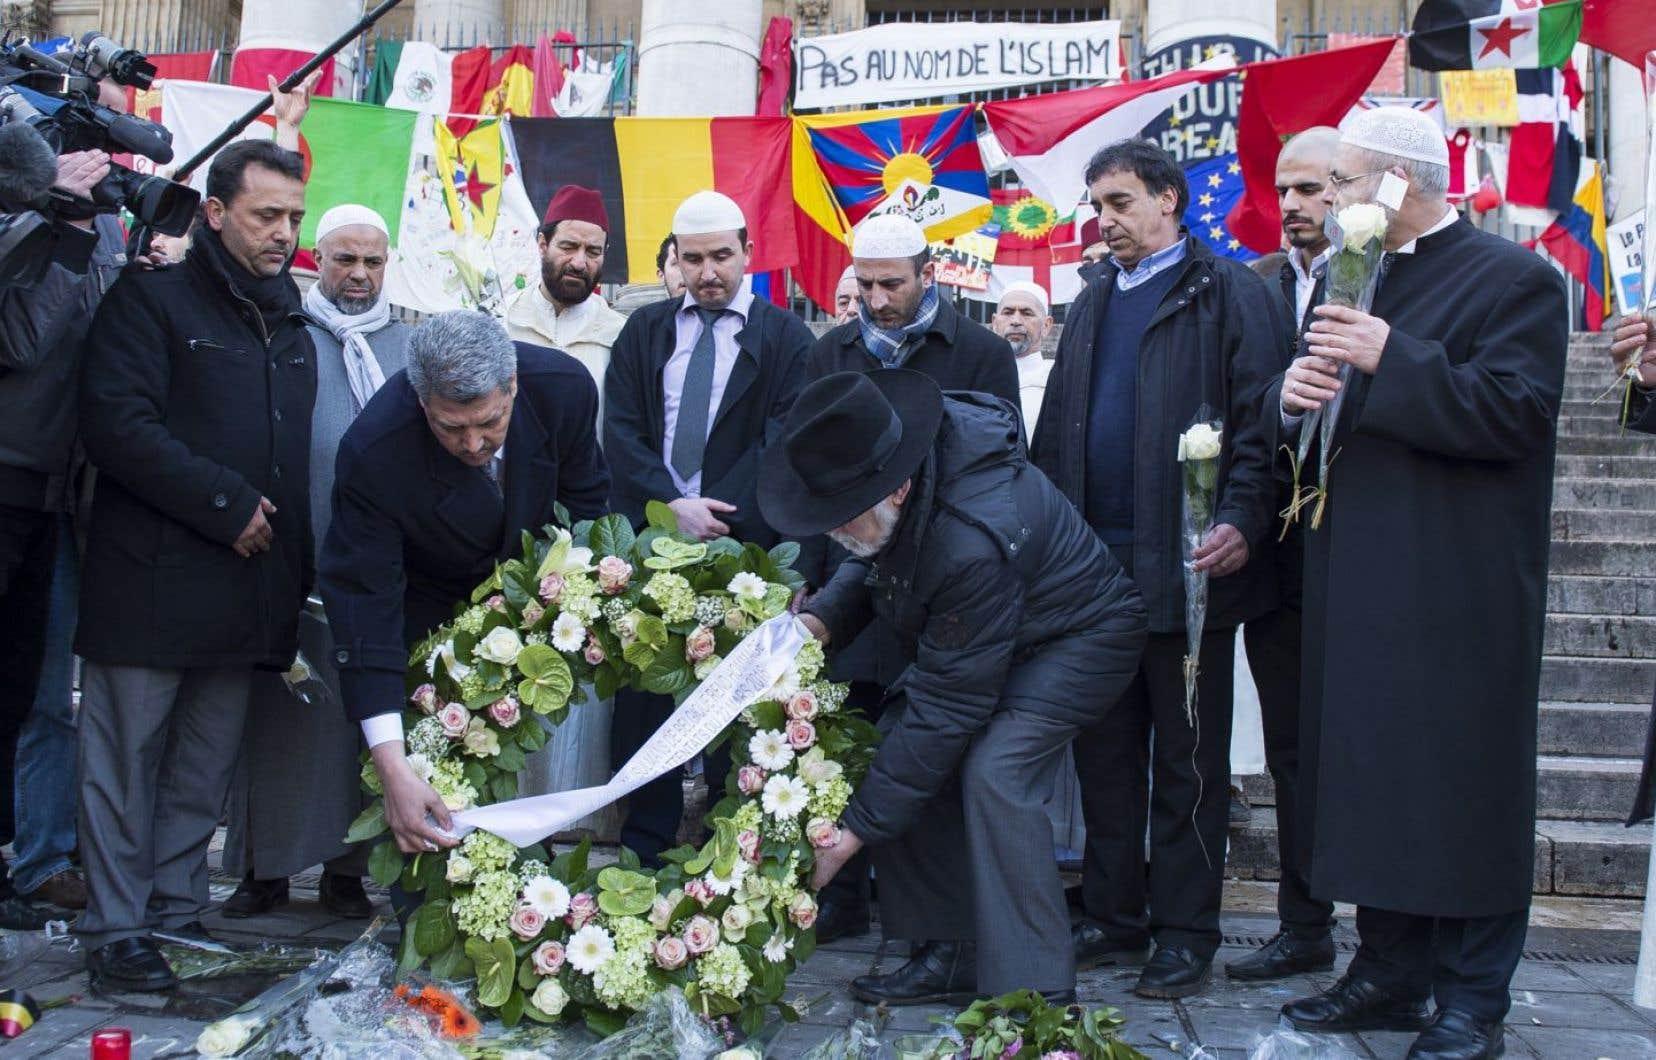 Salah Echallaoui, président de l'Exécutif des musulmans de Belgique, et Albert Guigui, grand rabbin de Belgique, déposaient une couronne de fleurs à la place de la Bourse de Bruxelles, le 1er avril dernier.